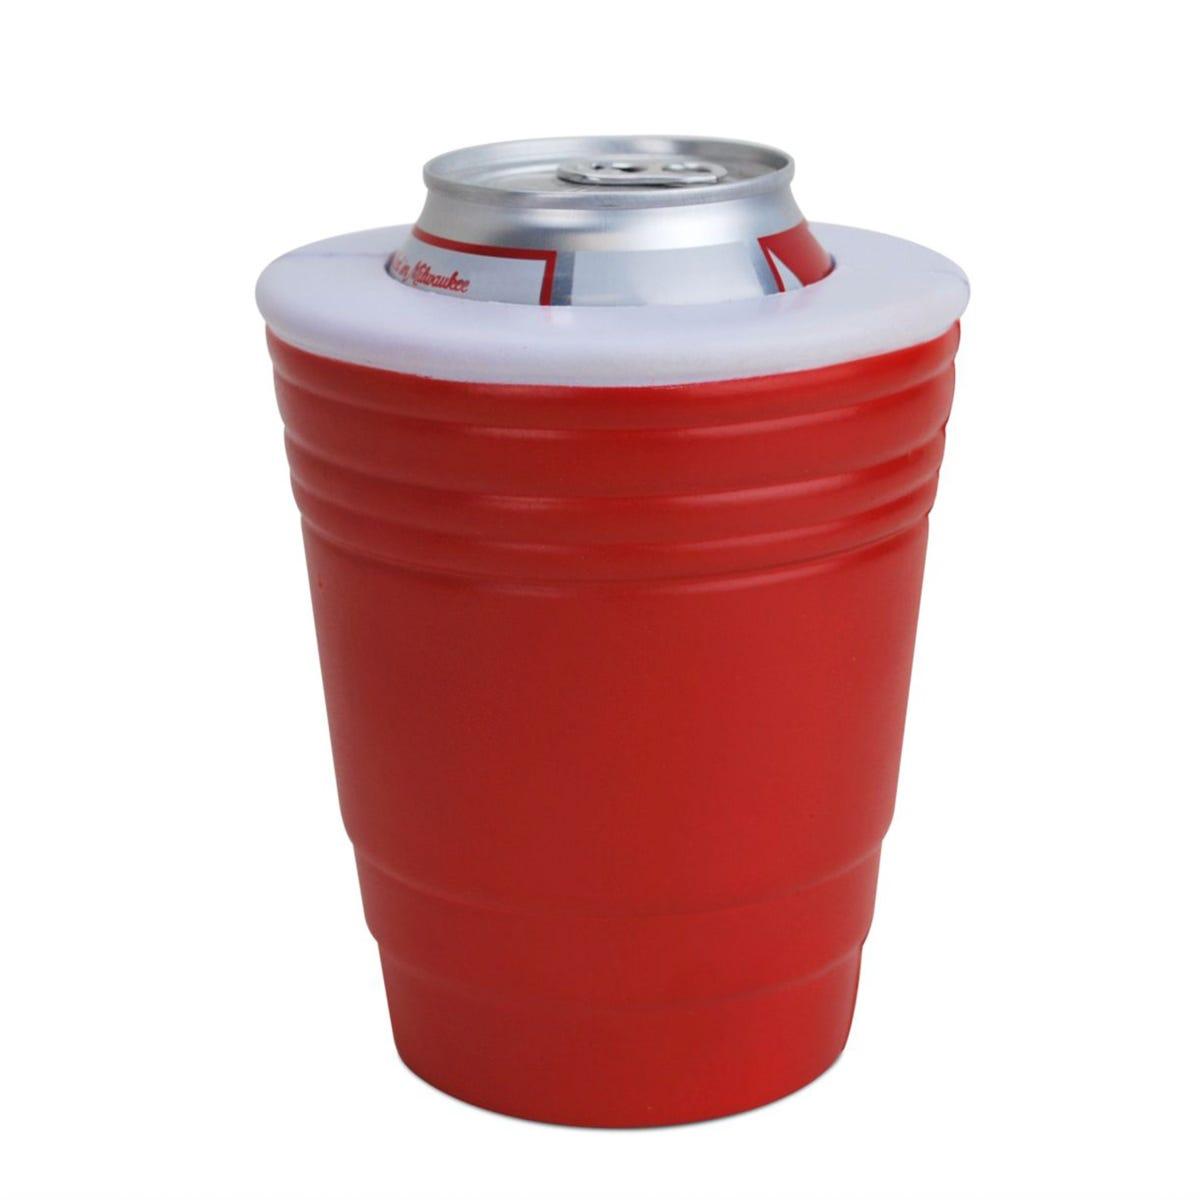 Hielera con forma de vaso rojo de fiesta